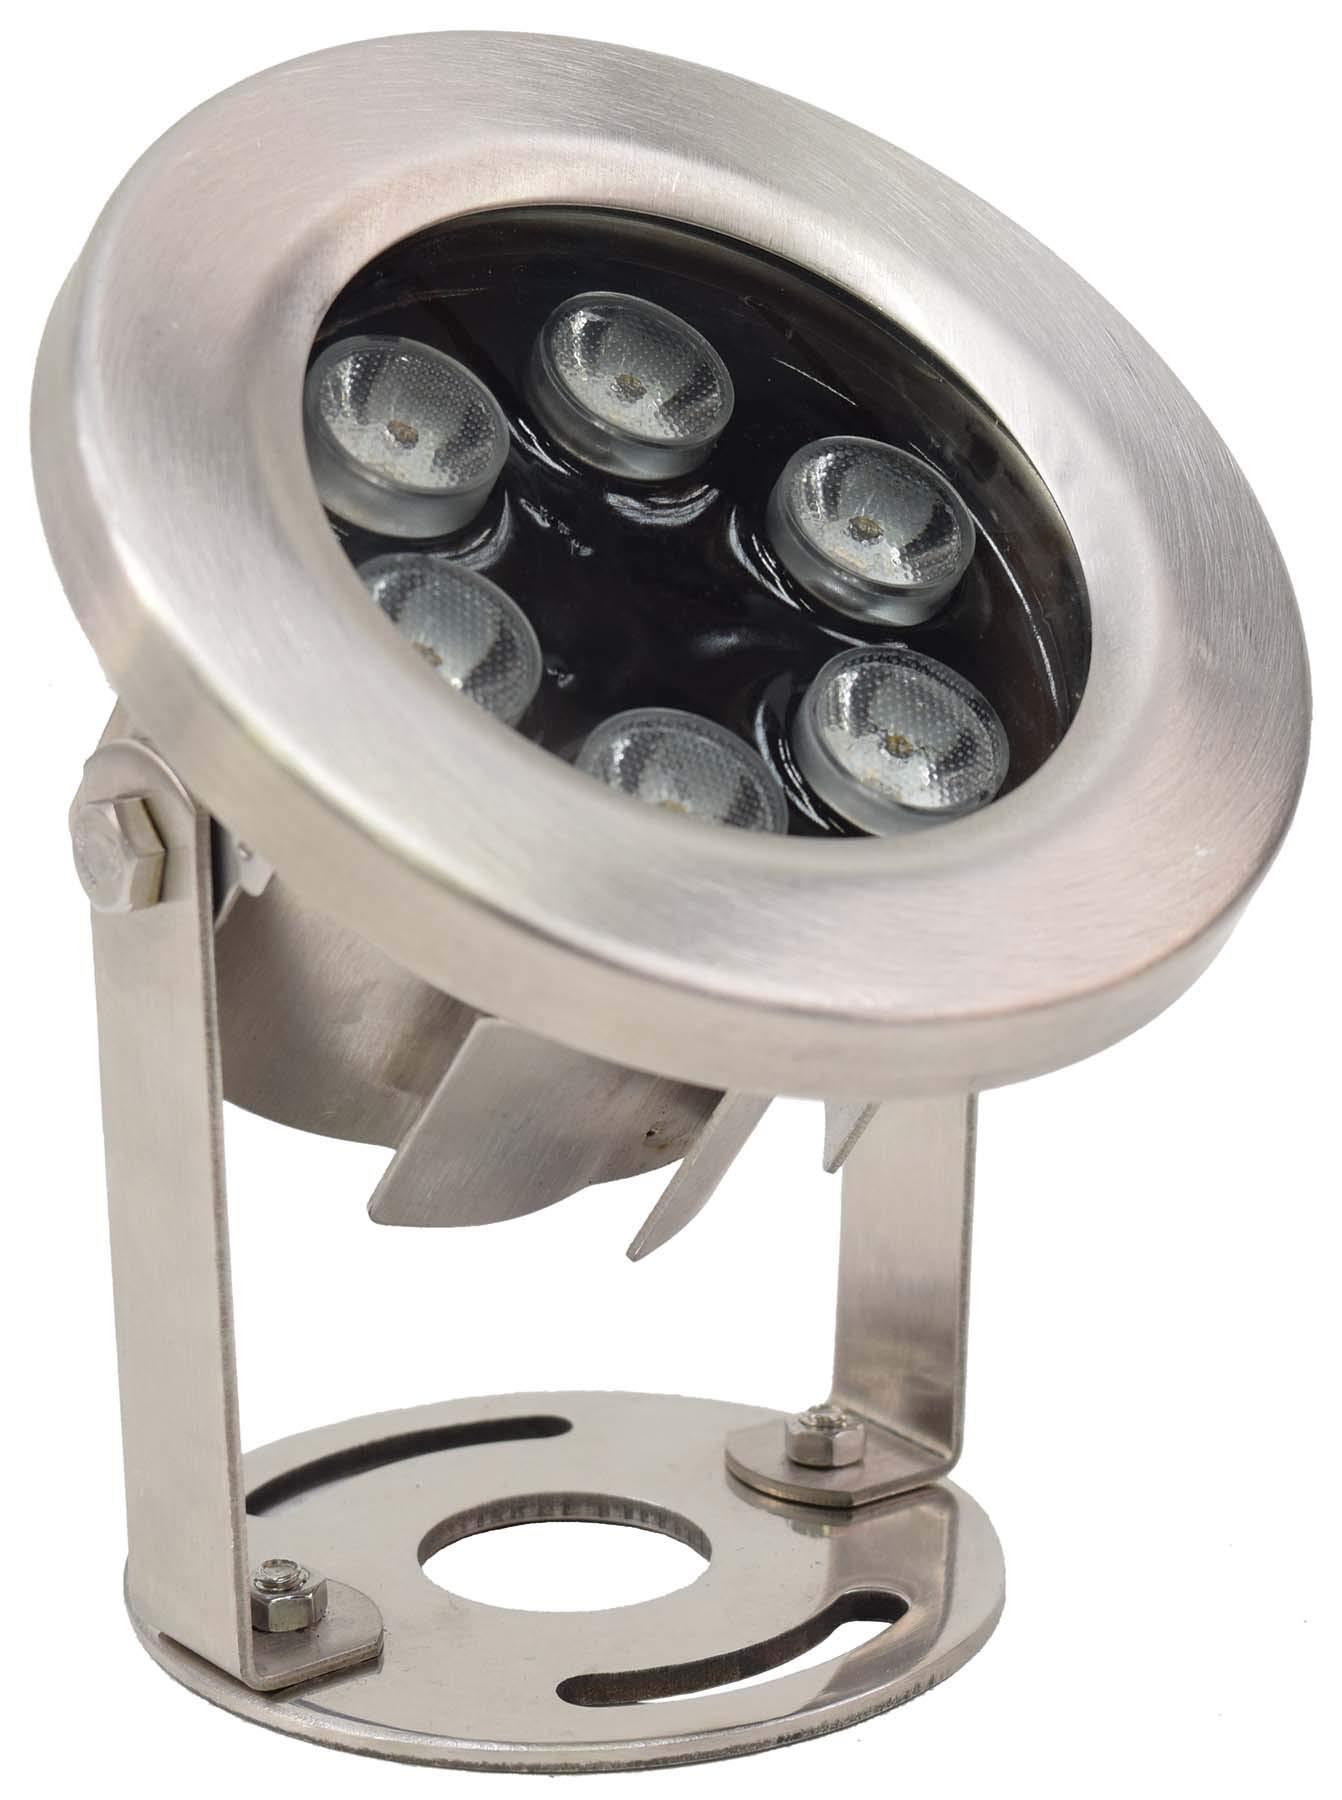 EasyPro+ Pond Lighting Submersible LED9WW 9 Watt Stainless Steel Underwater LED Light